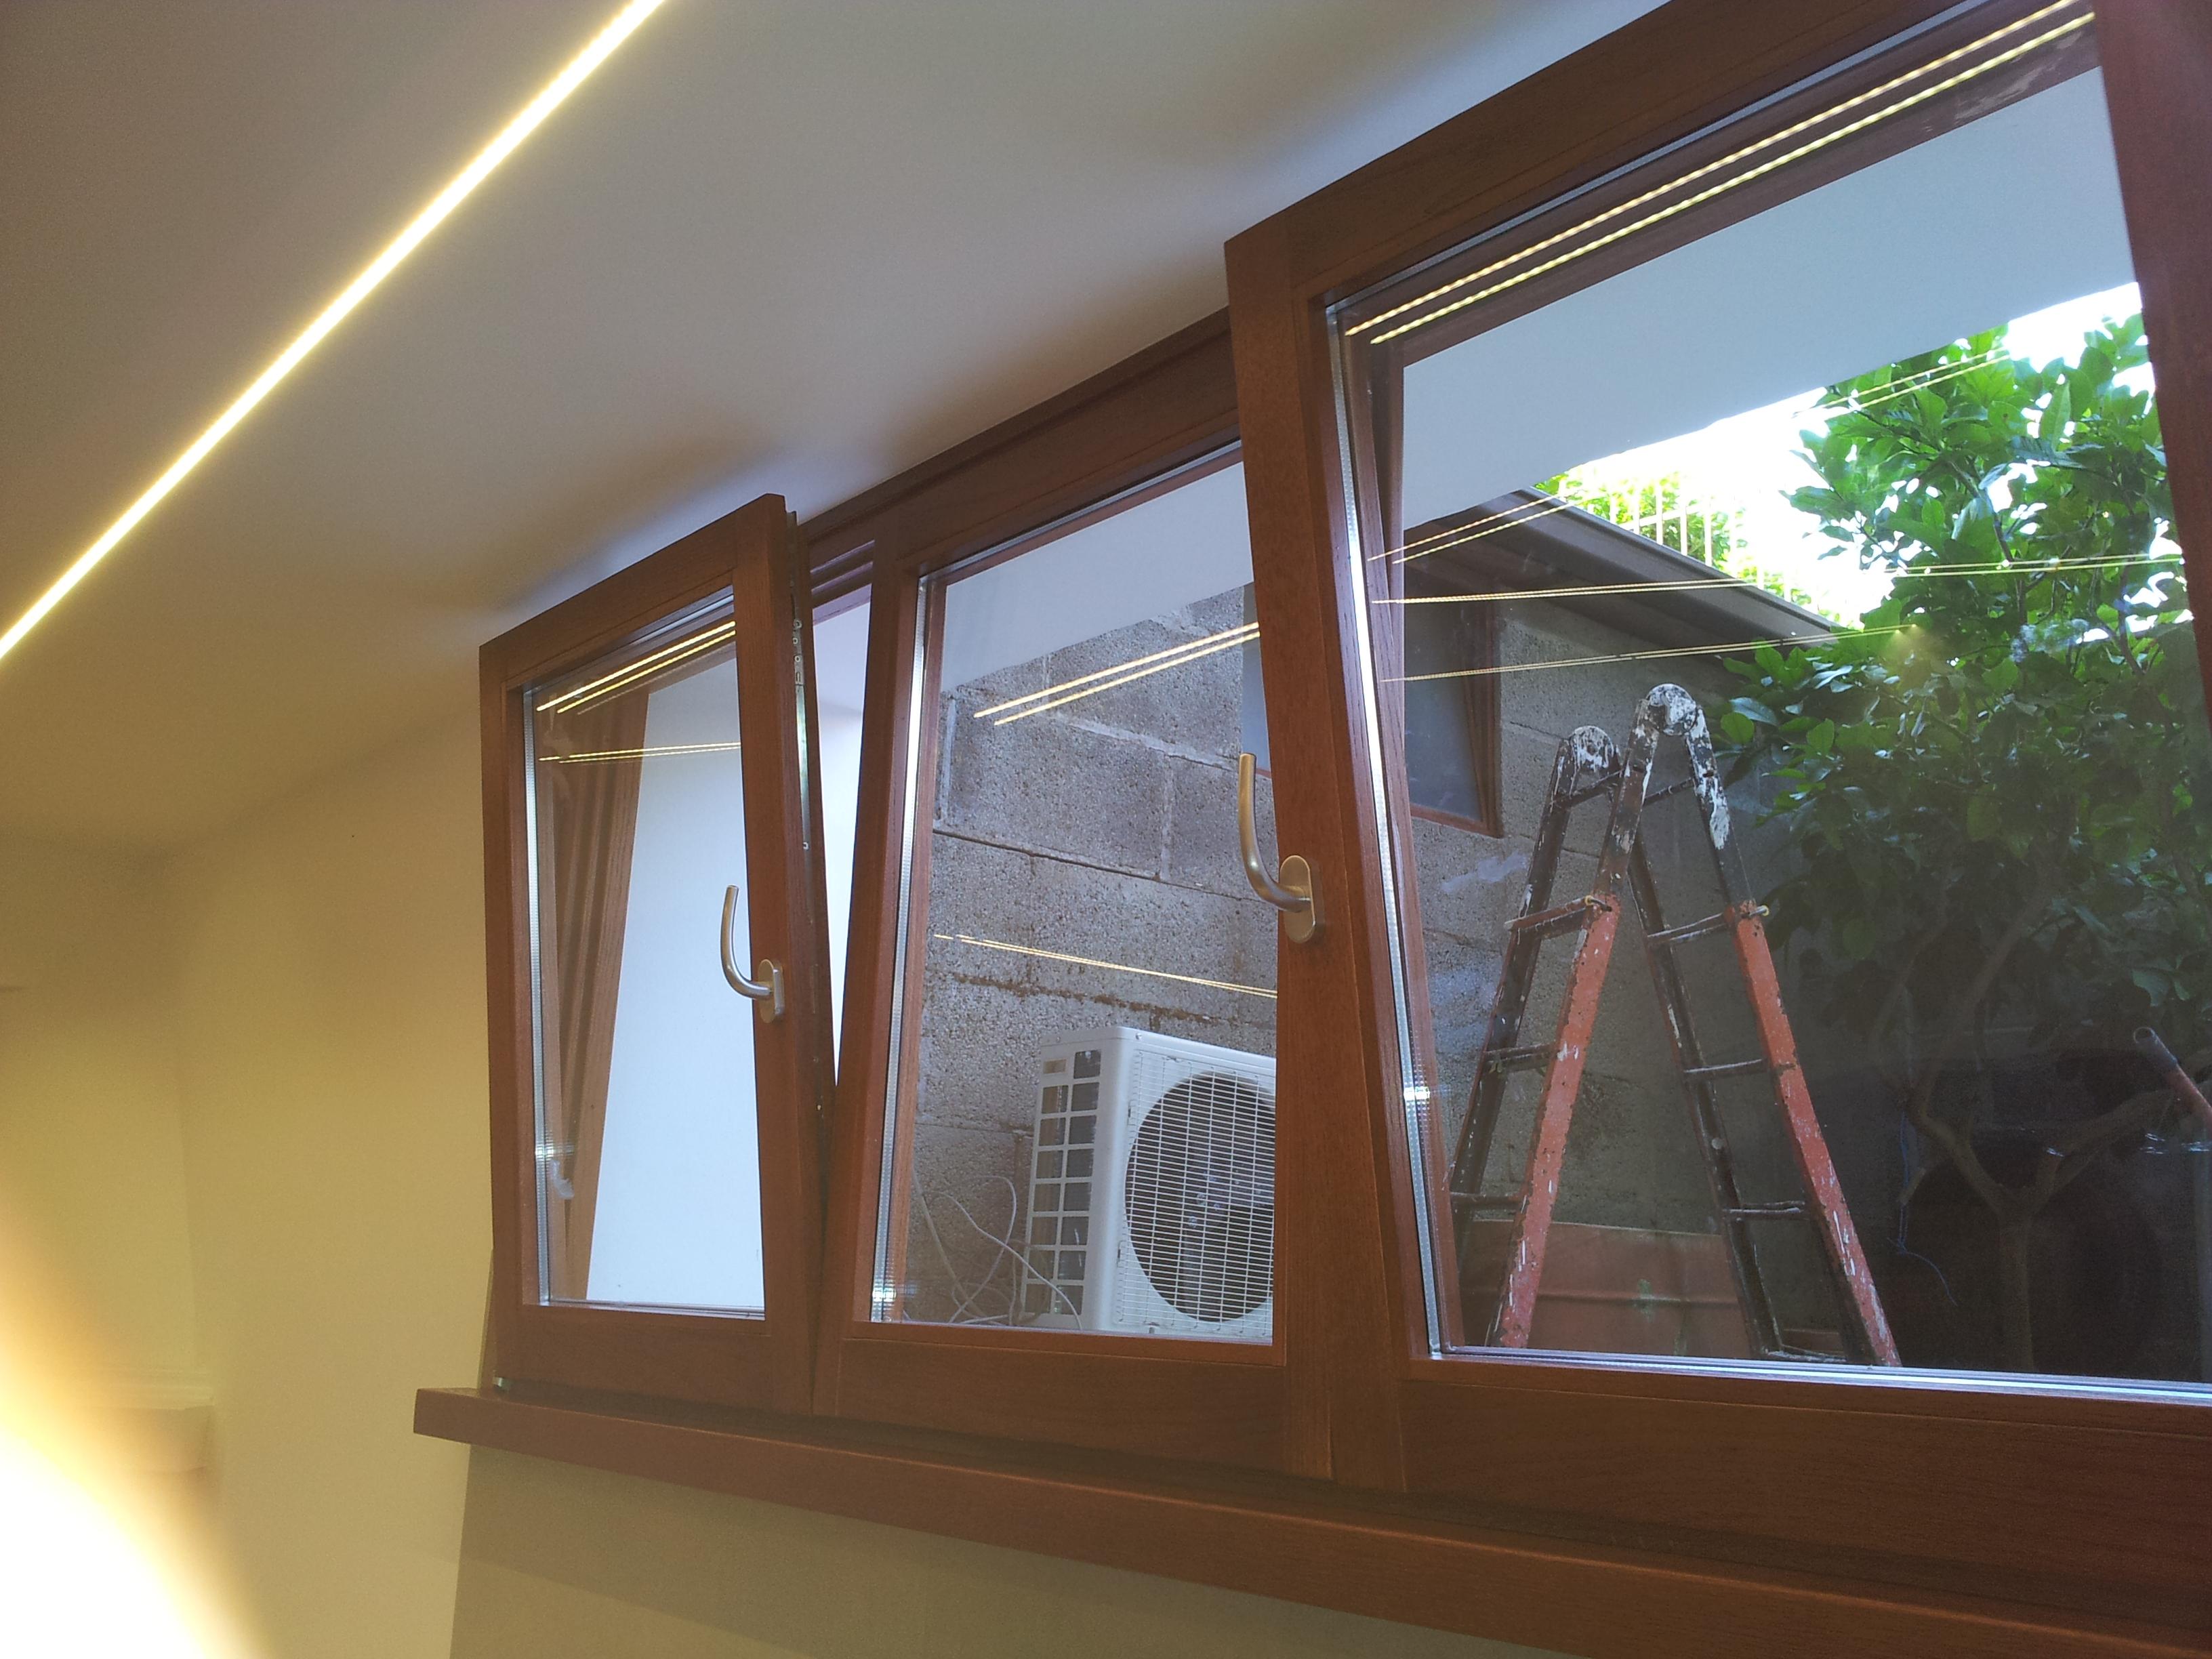 Finestre in legno lamellare di rovere finestre in legno massello falegnameria roma - Finestre di legno ...